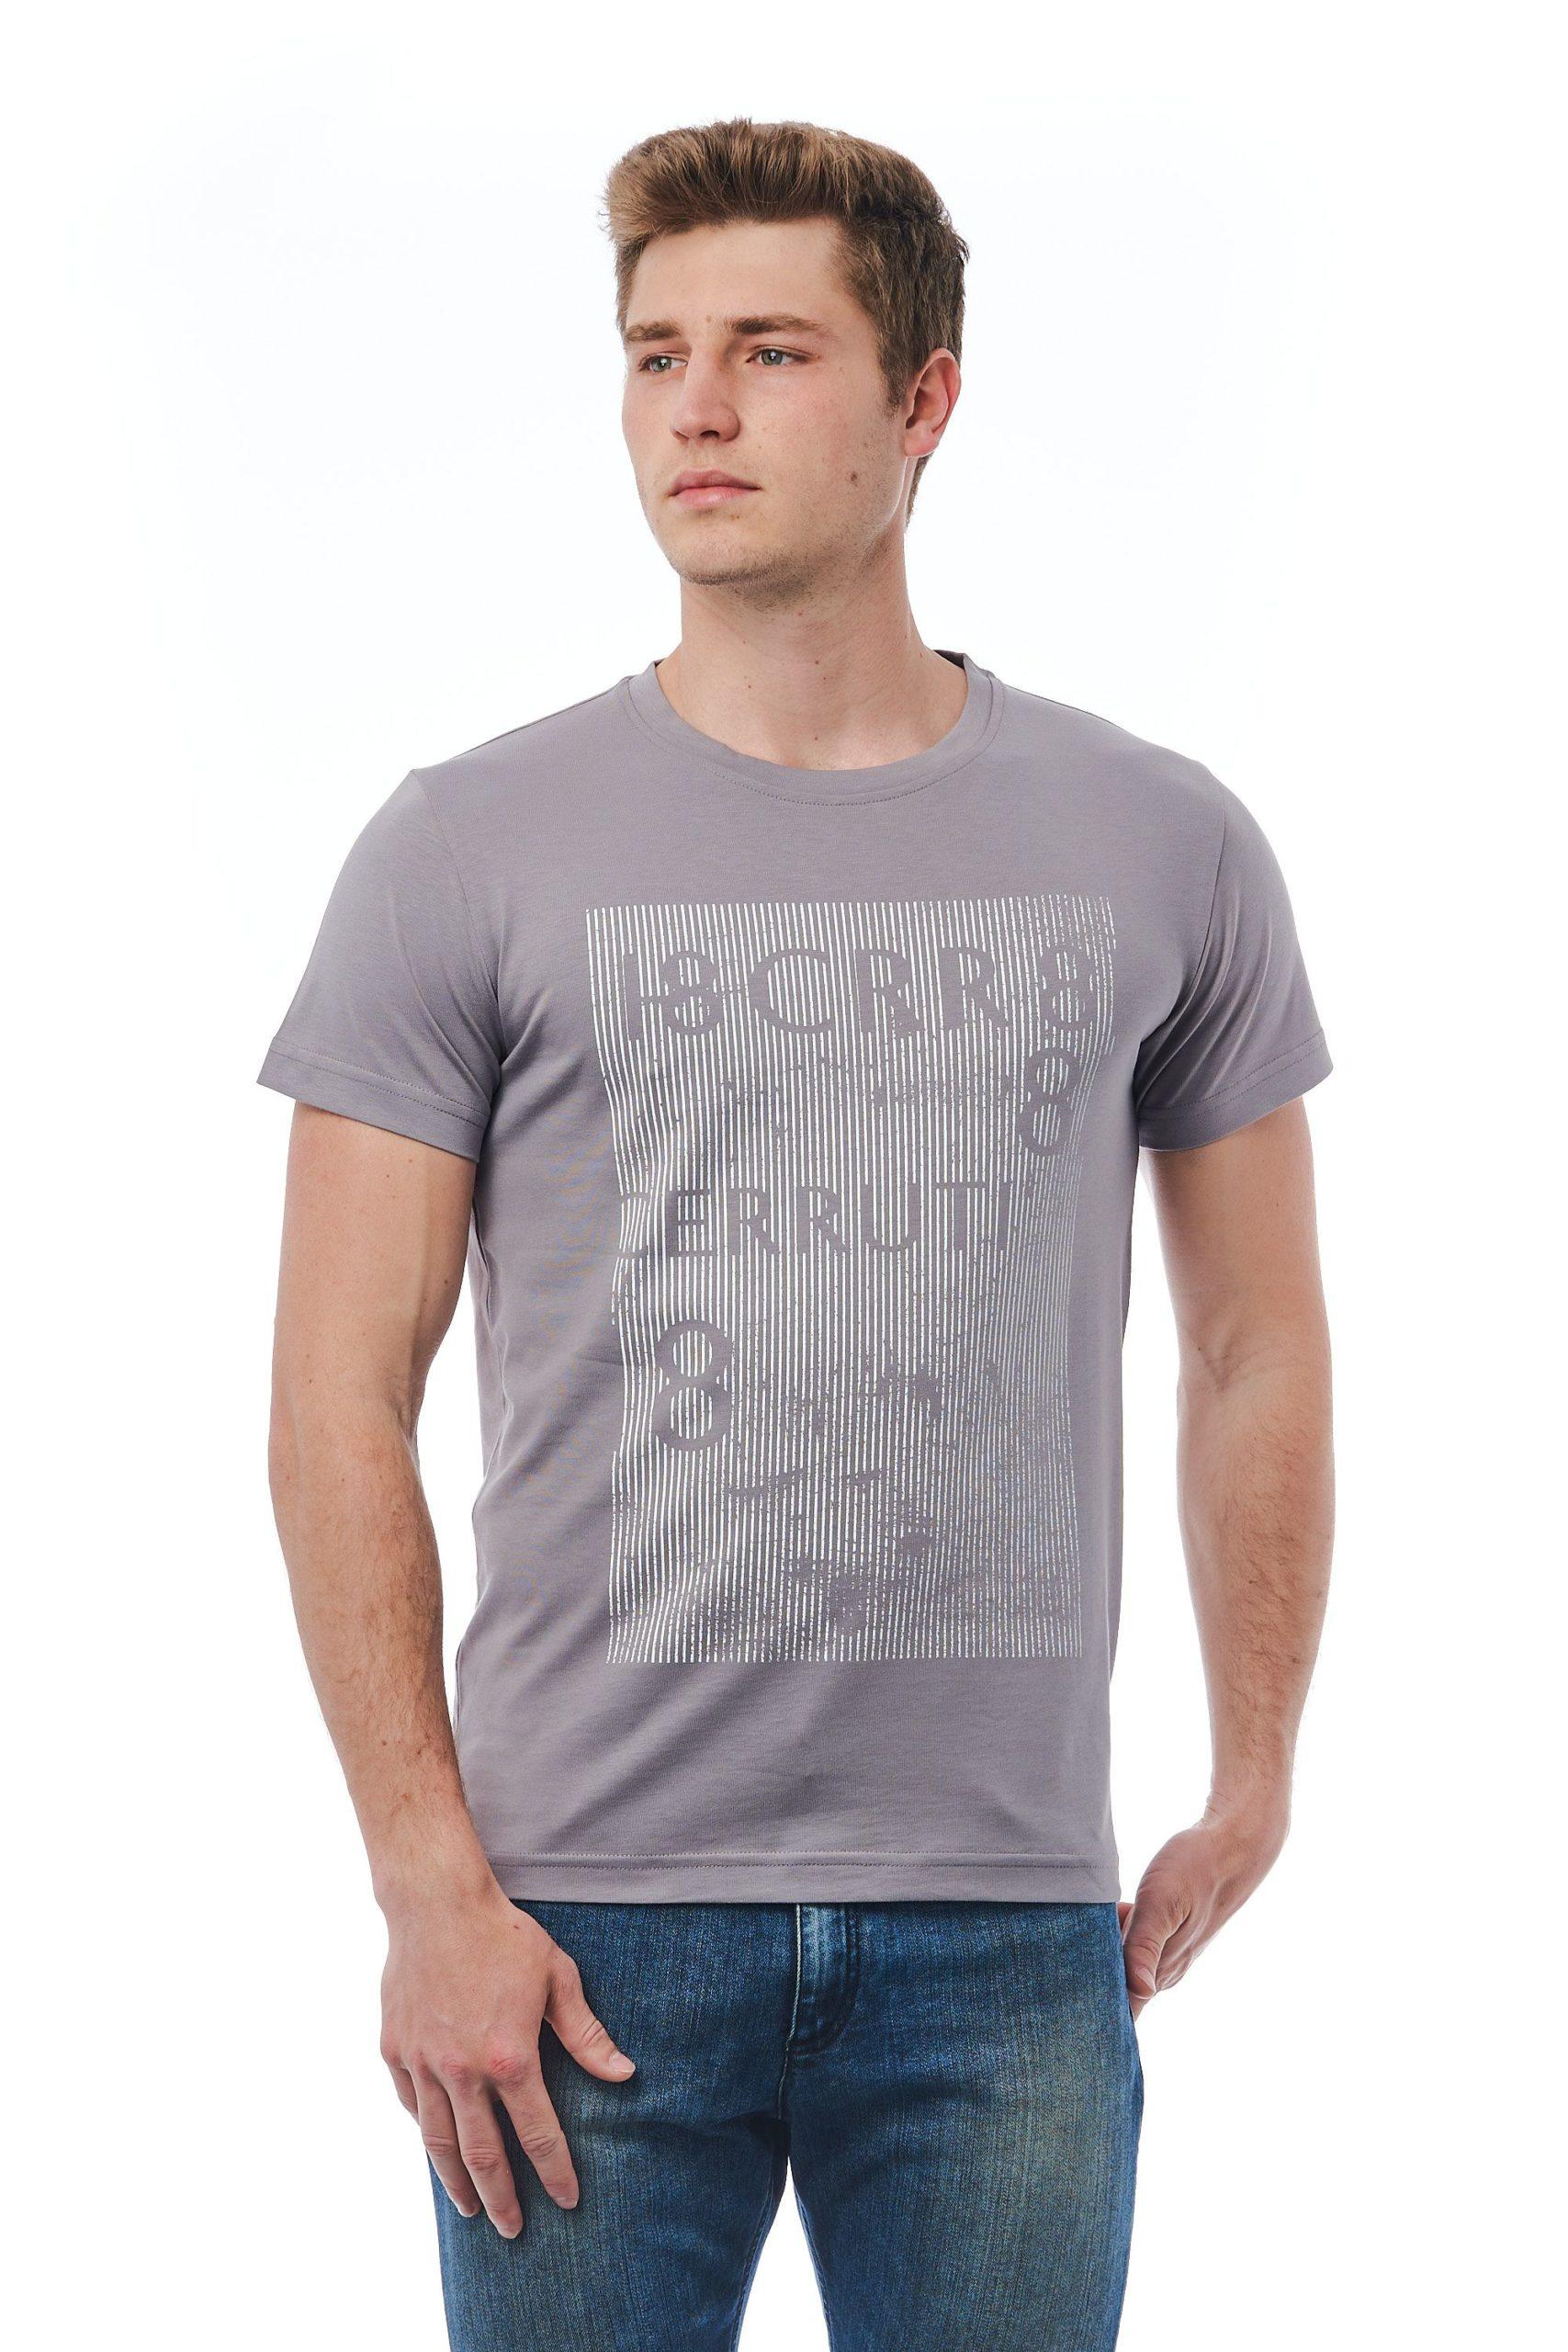 Cerruti 1881 Men's Grigio T-Shirt Gray CE1409802 - M